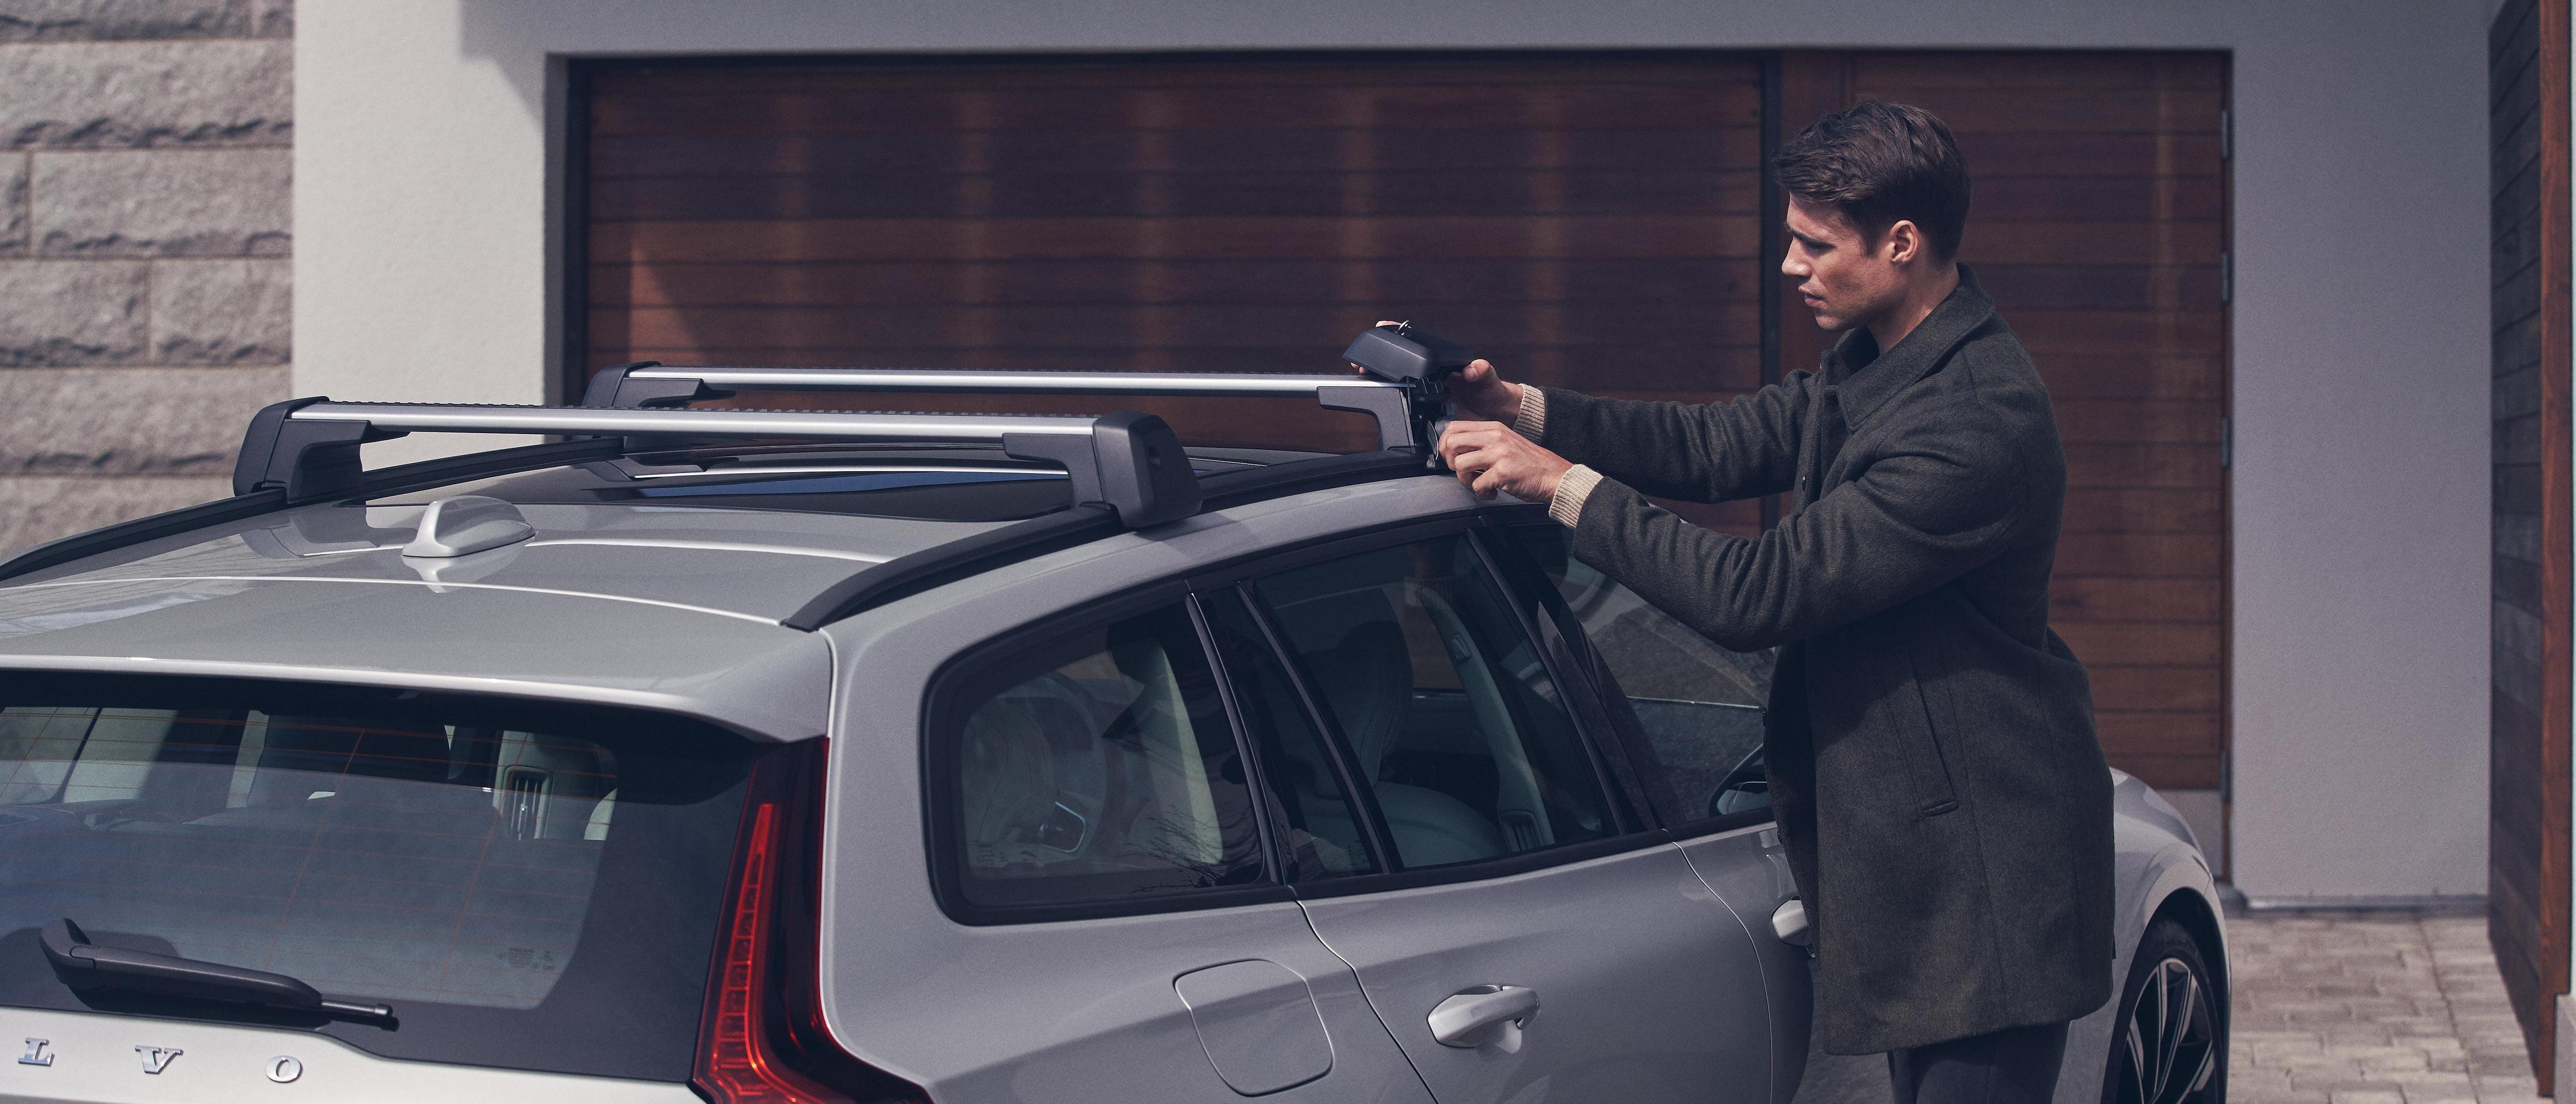 Ein Mann befestigt einen Lastenträger auf seinem Volvo.